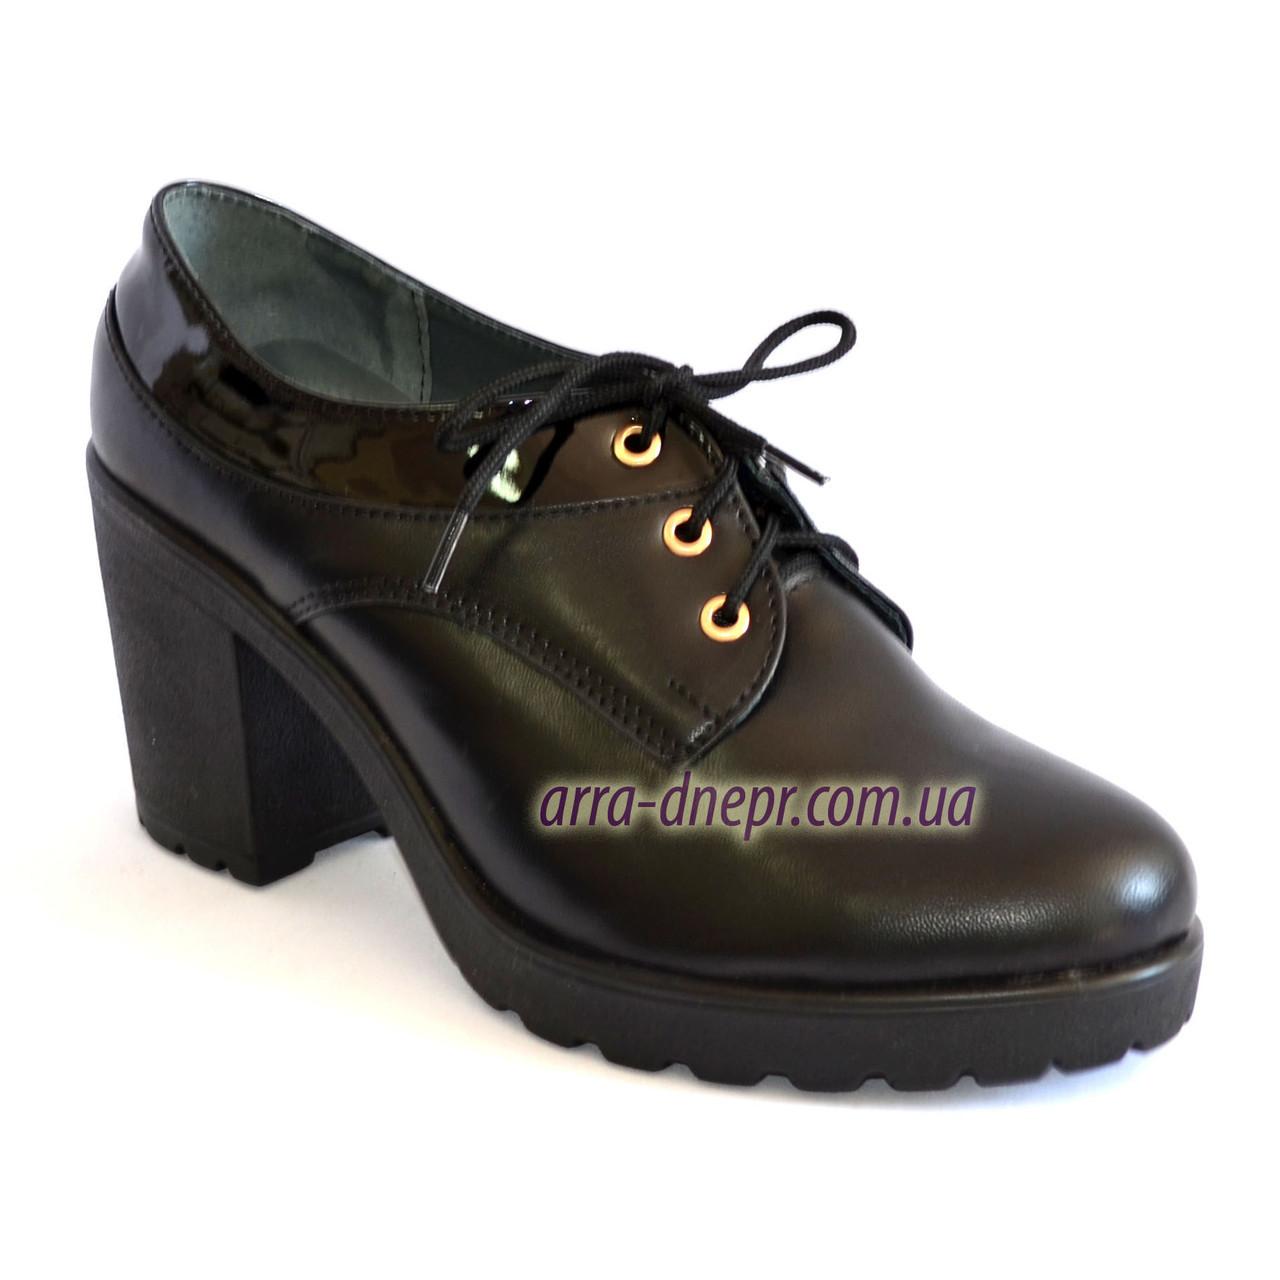 Женские кожаные туфли на шнуровке, устойчивый каблук